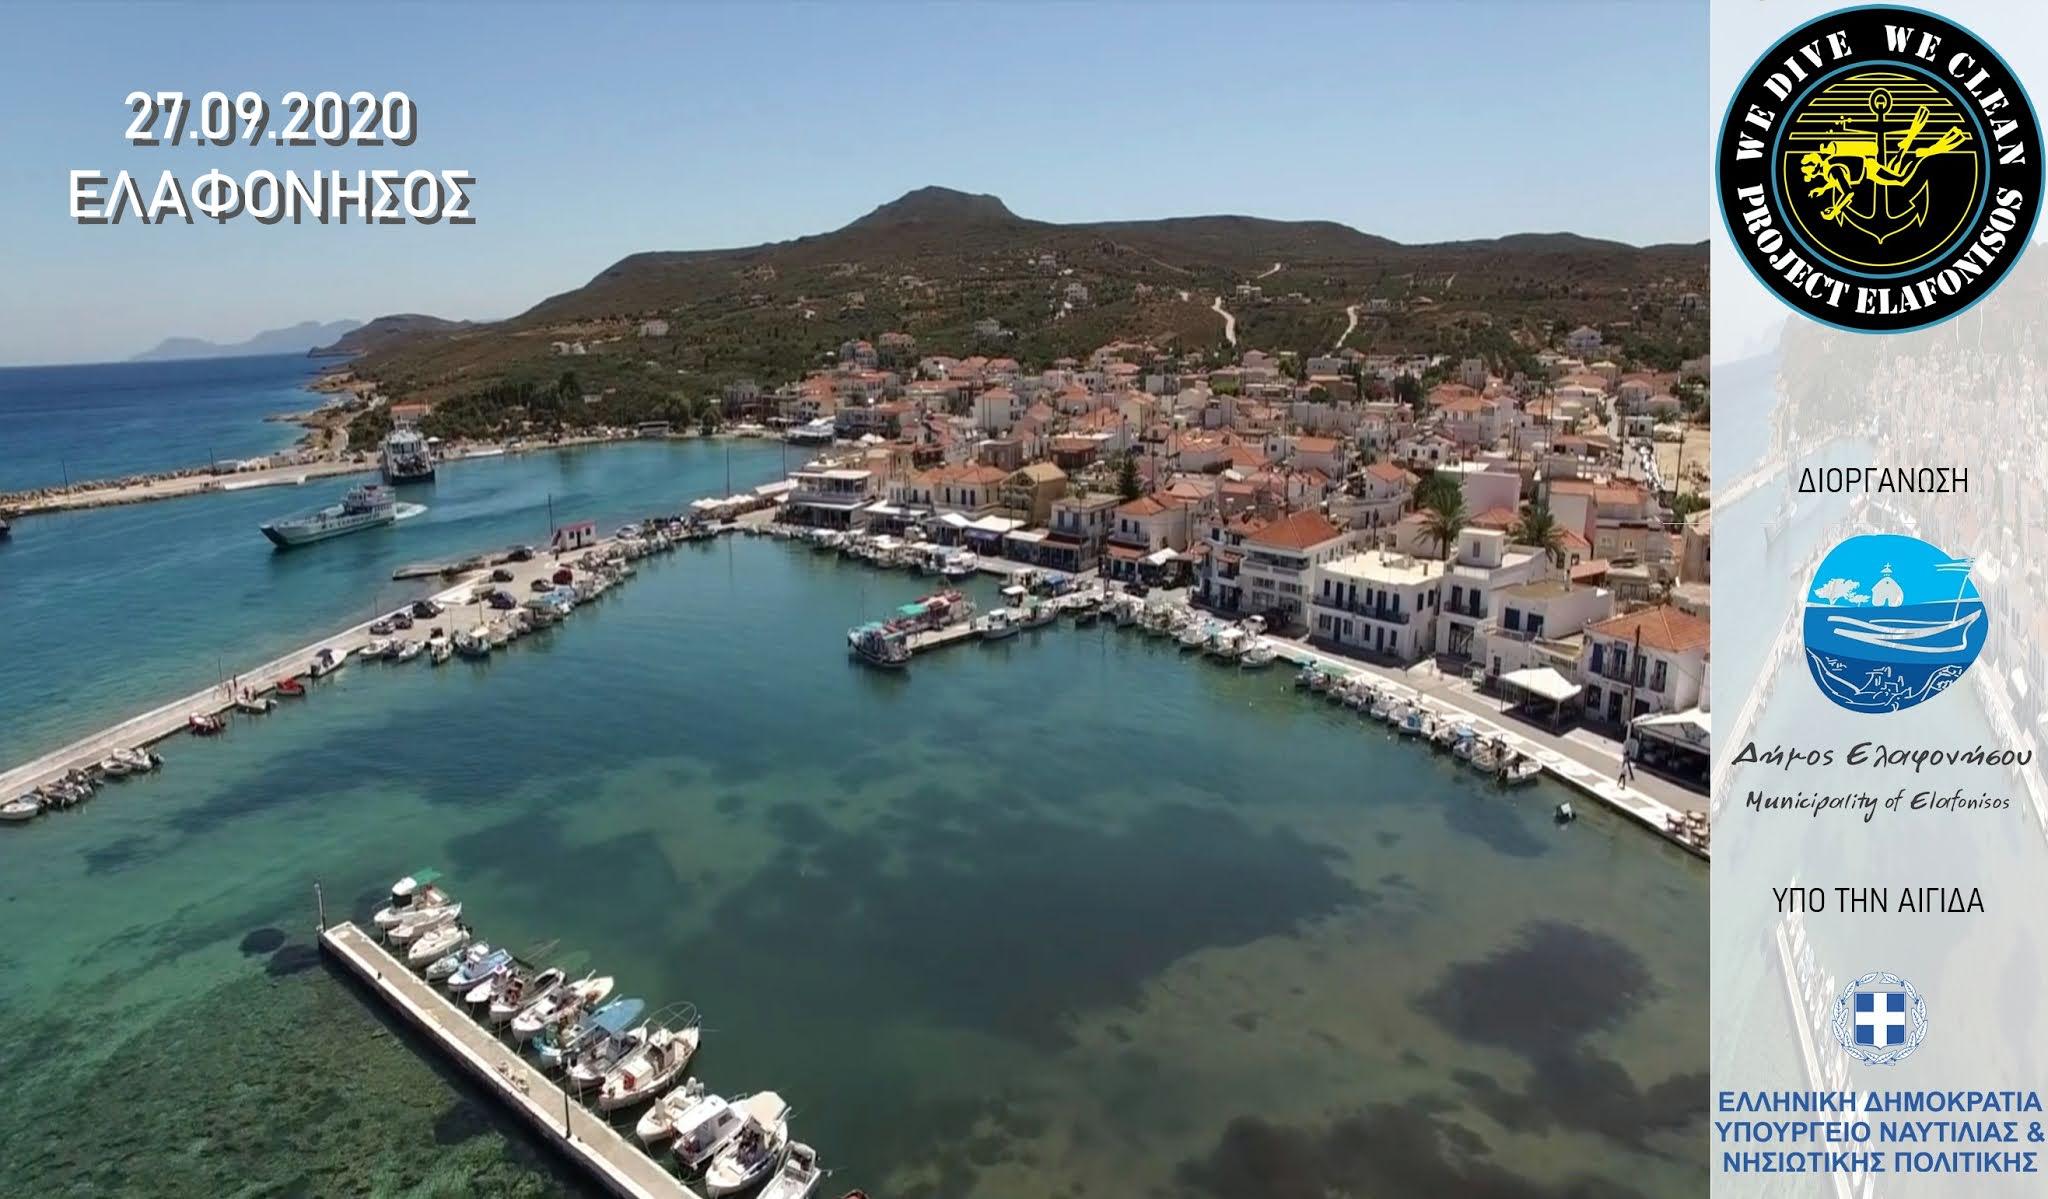 """Η ομάδα εθελοντών δυτών """"We Dive We Clean"""" θα καθαρίσουν το λιμάνι στην Ελαφόνησο"""